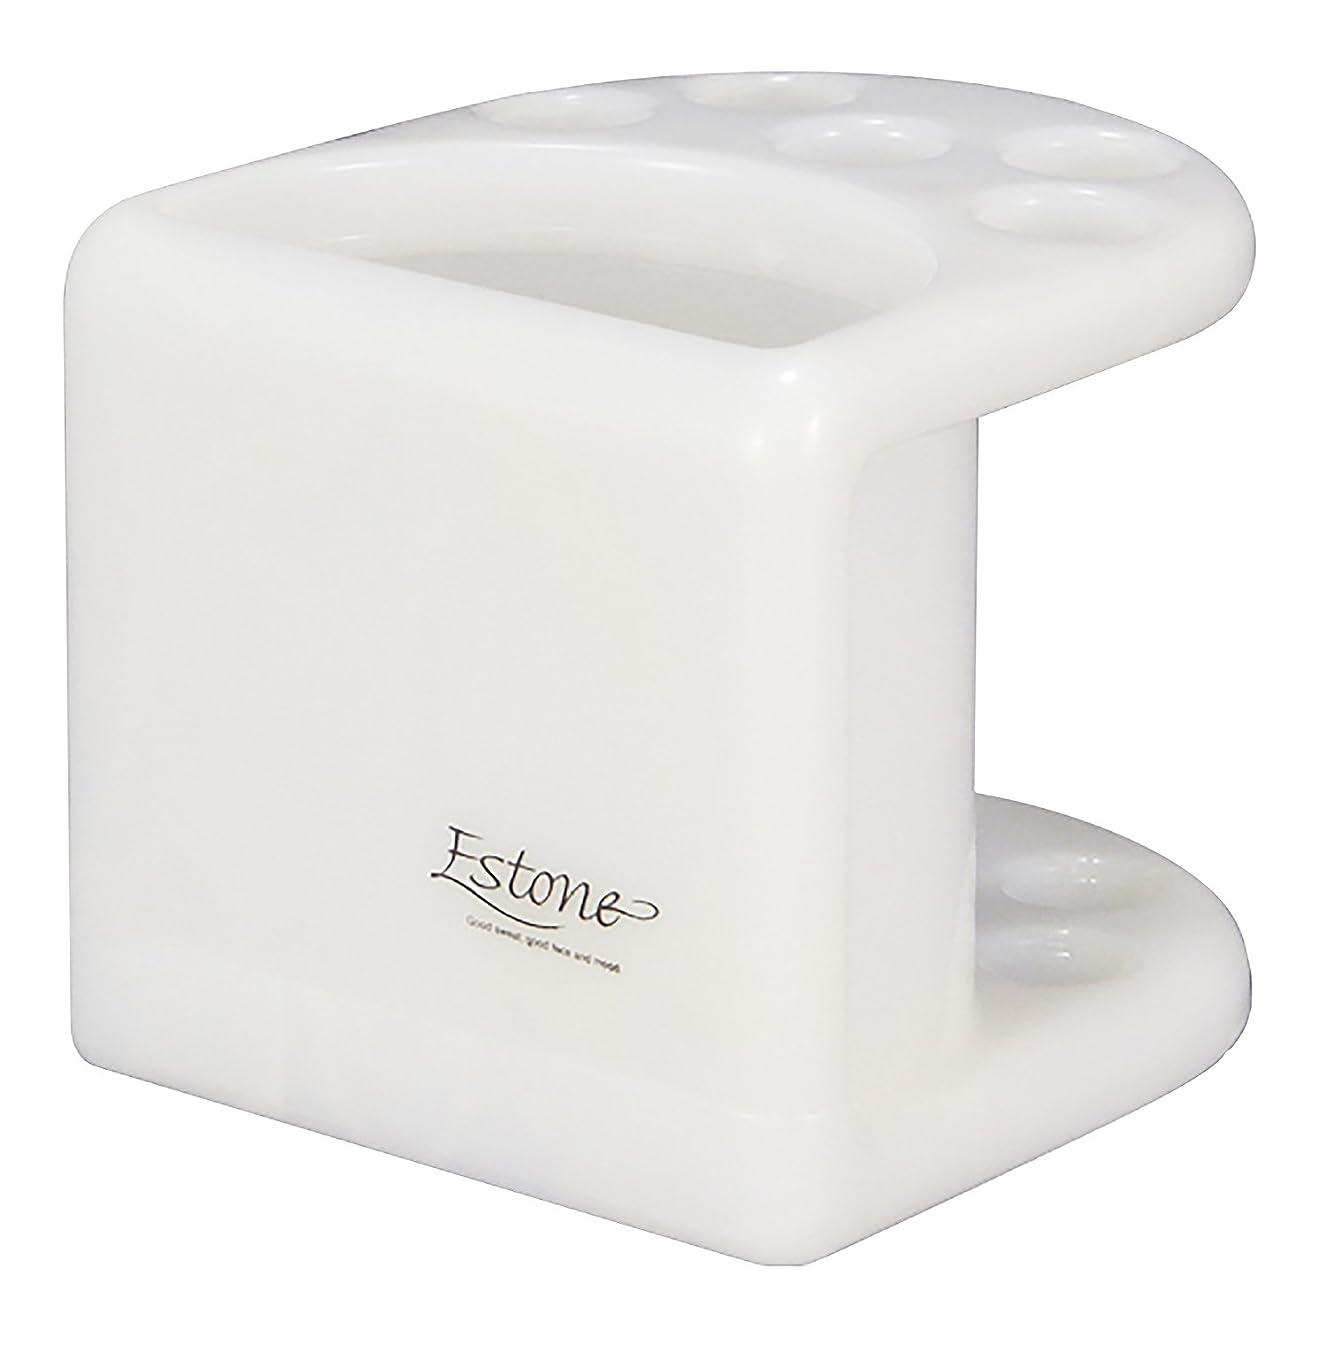 プレゼンター通常配分シンカテック 歯ブラシスタンド EX Estone エストーネ ホワイト